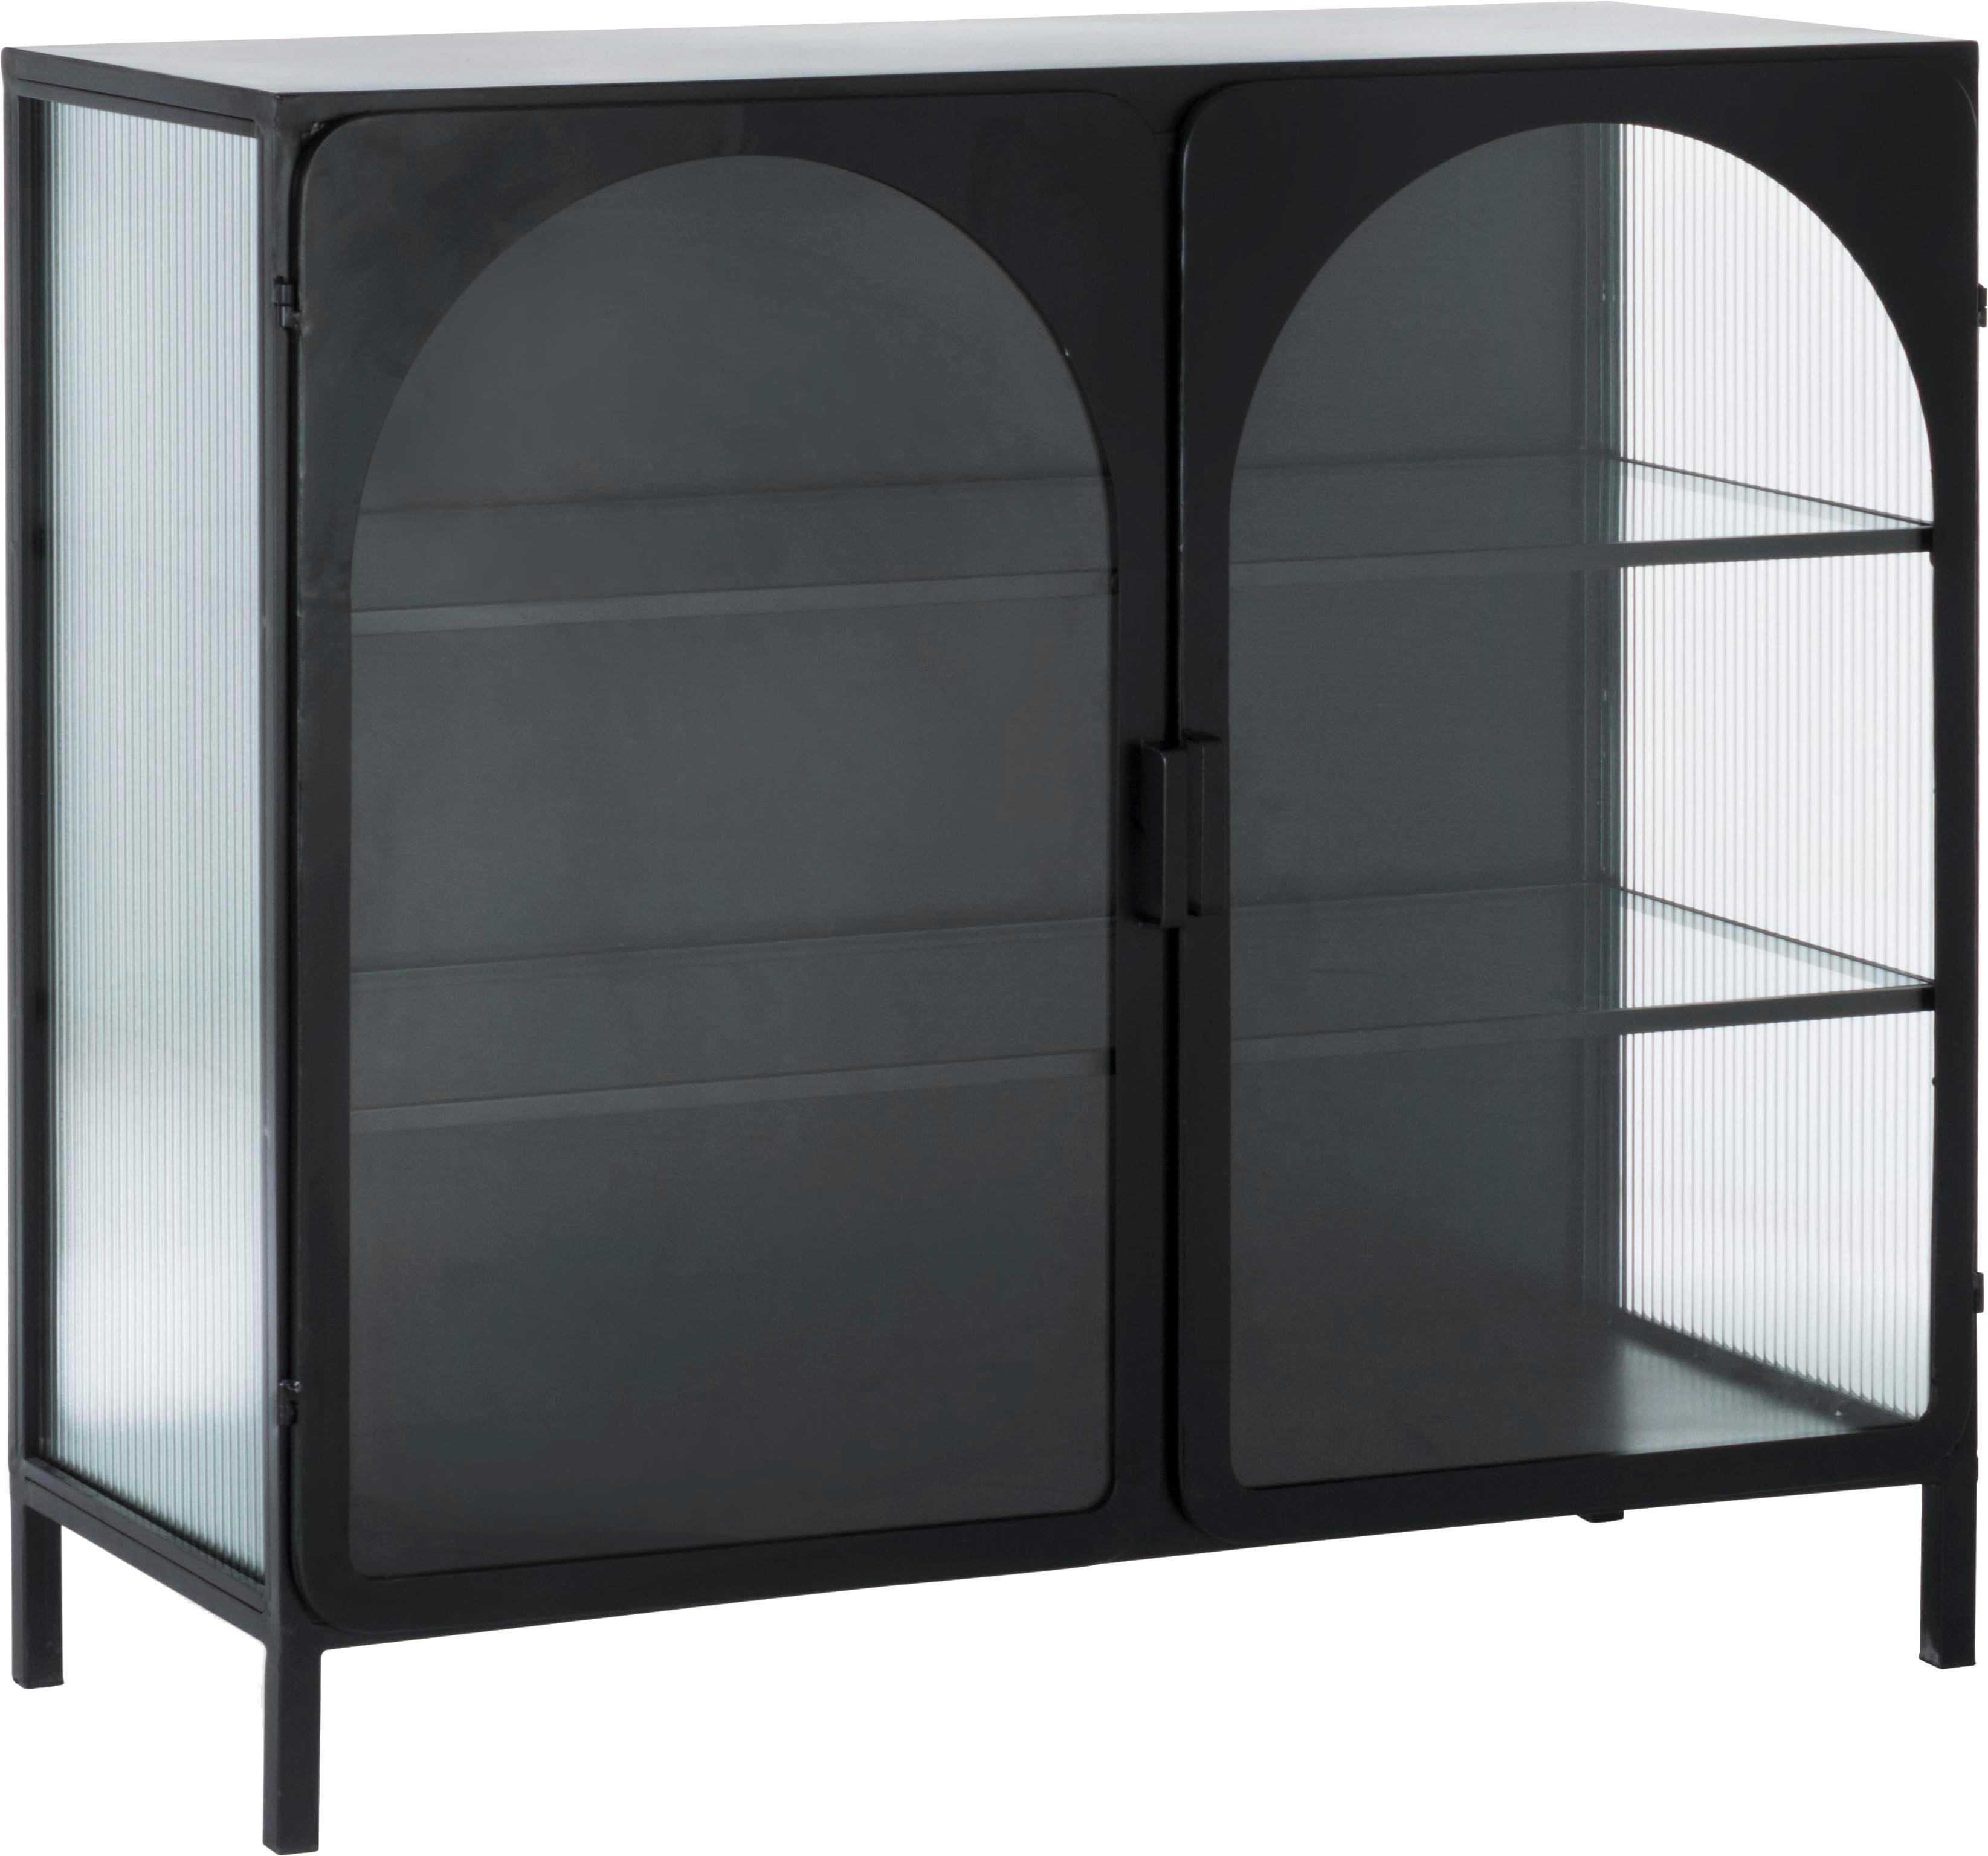 Witryna Nerissa, Stelaż: stal epoksydowana, malowa, Czarny, transparentny, S 111 x G 46 cm